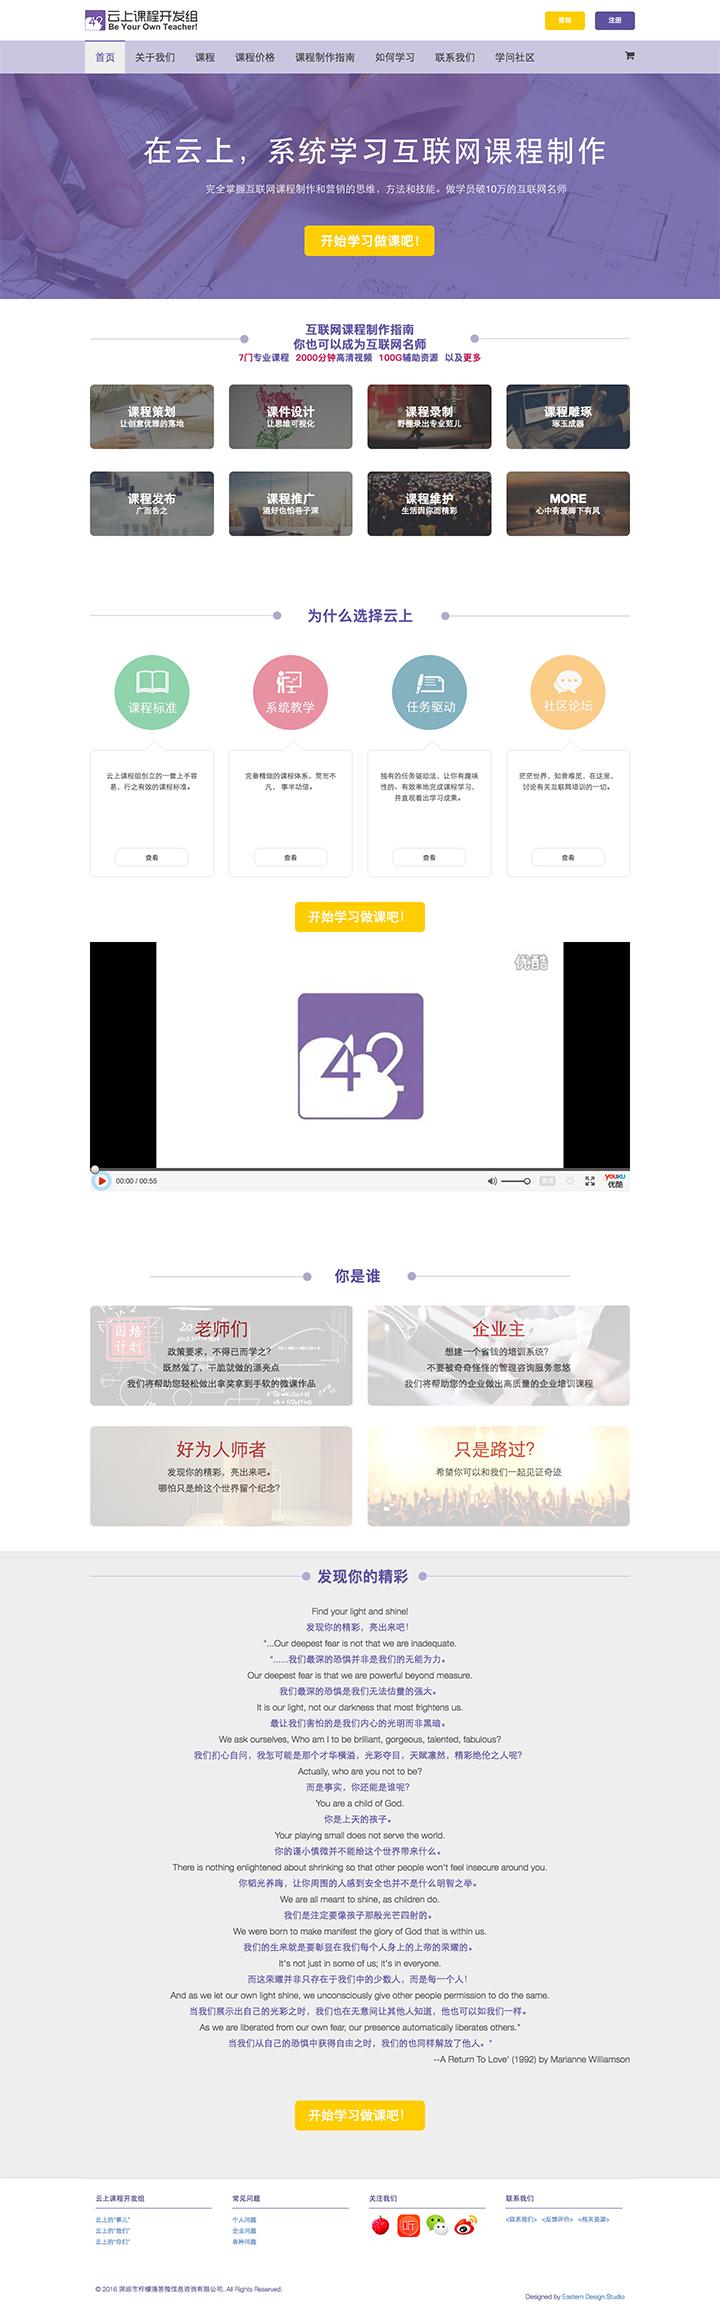 深圳市柠檬滴答微信息咨询有限公司